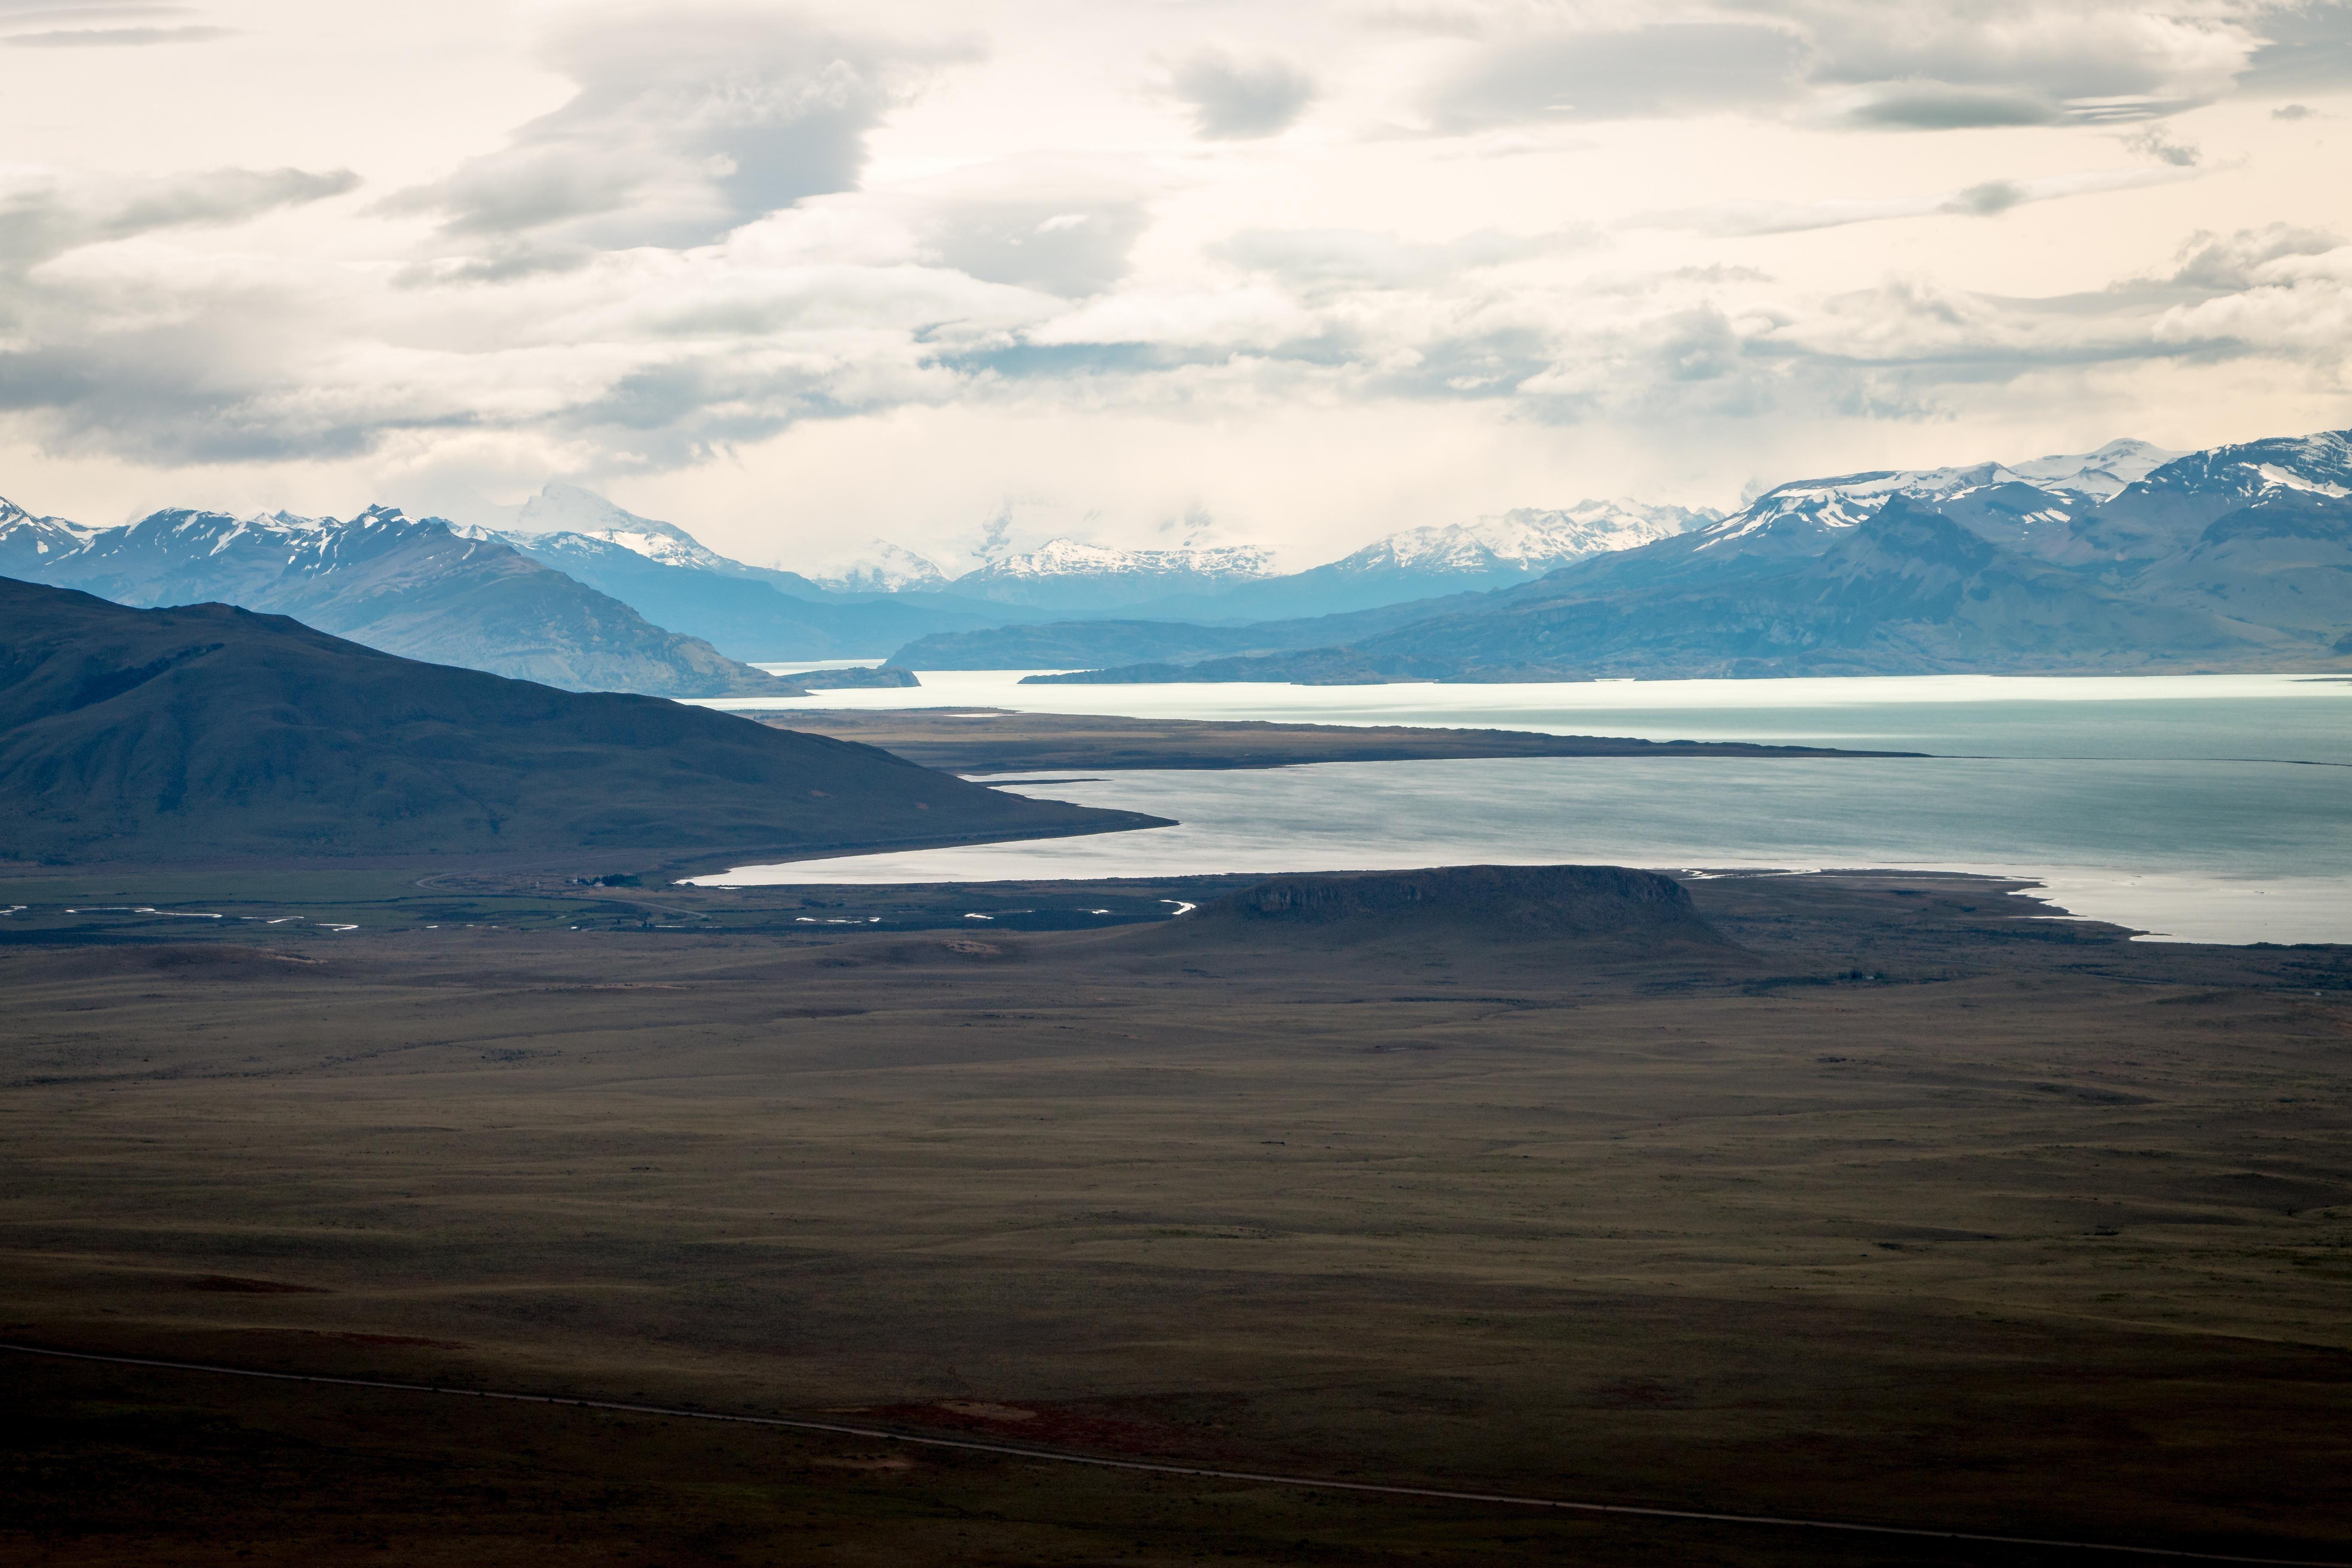 Patagonia oc iftlxxsjy nature